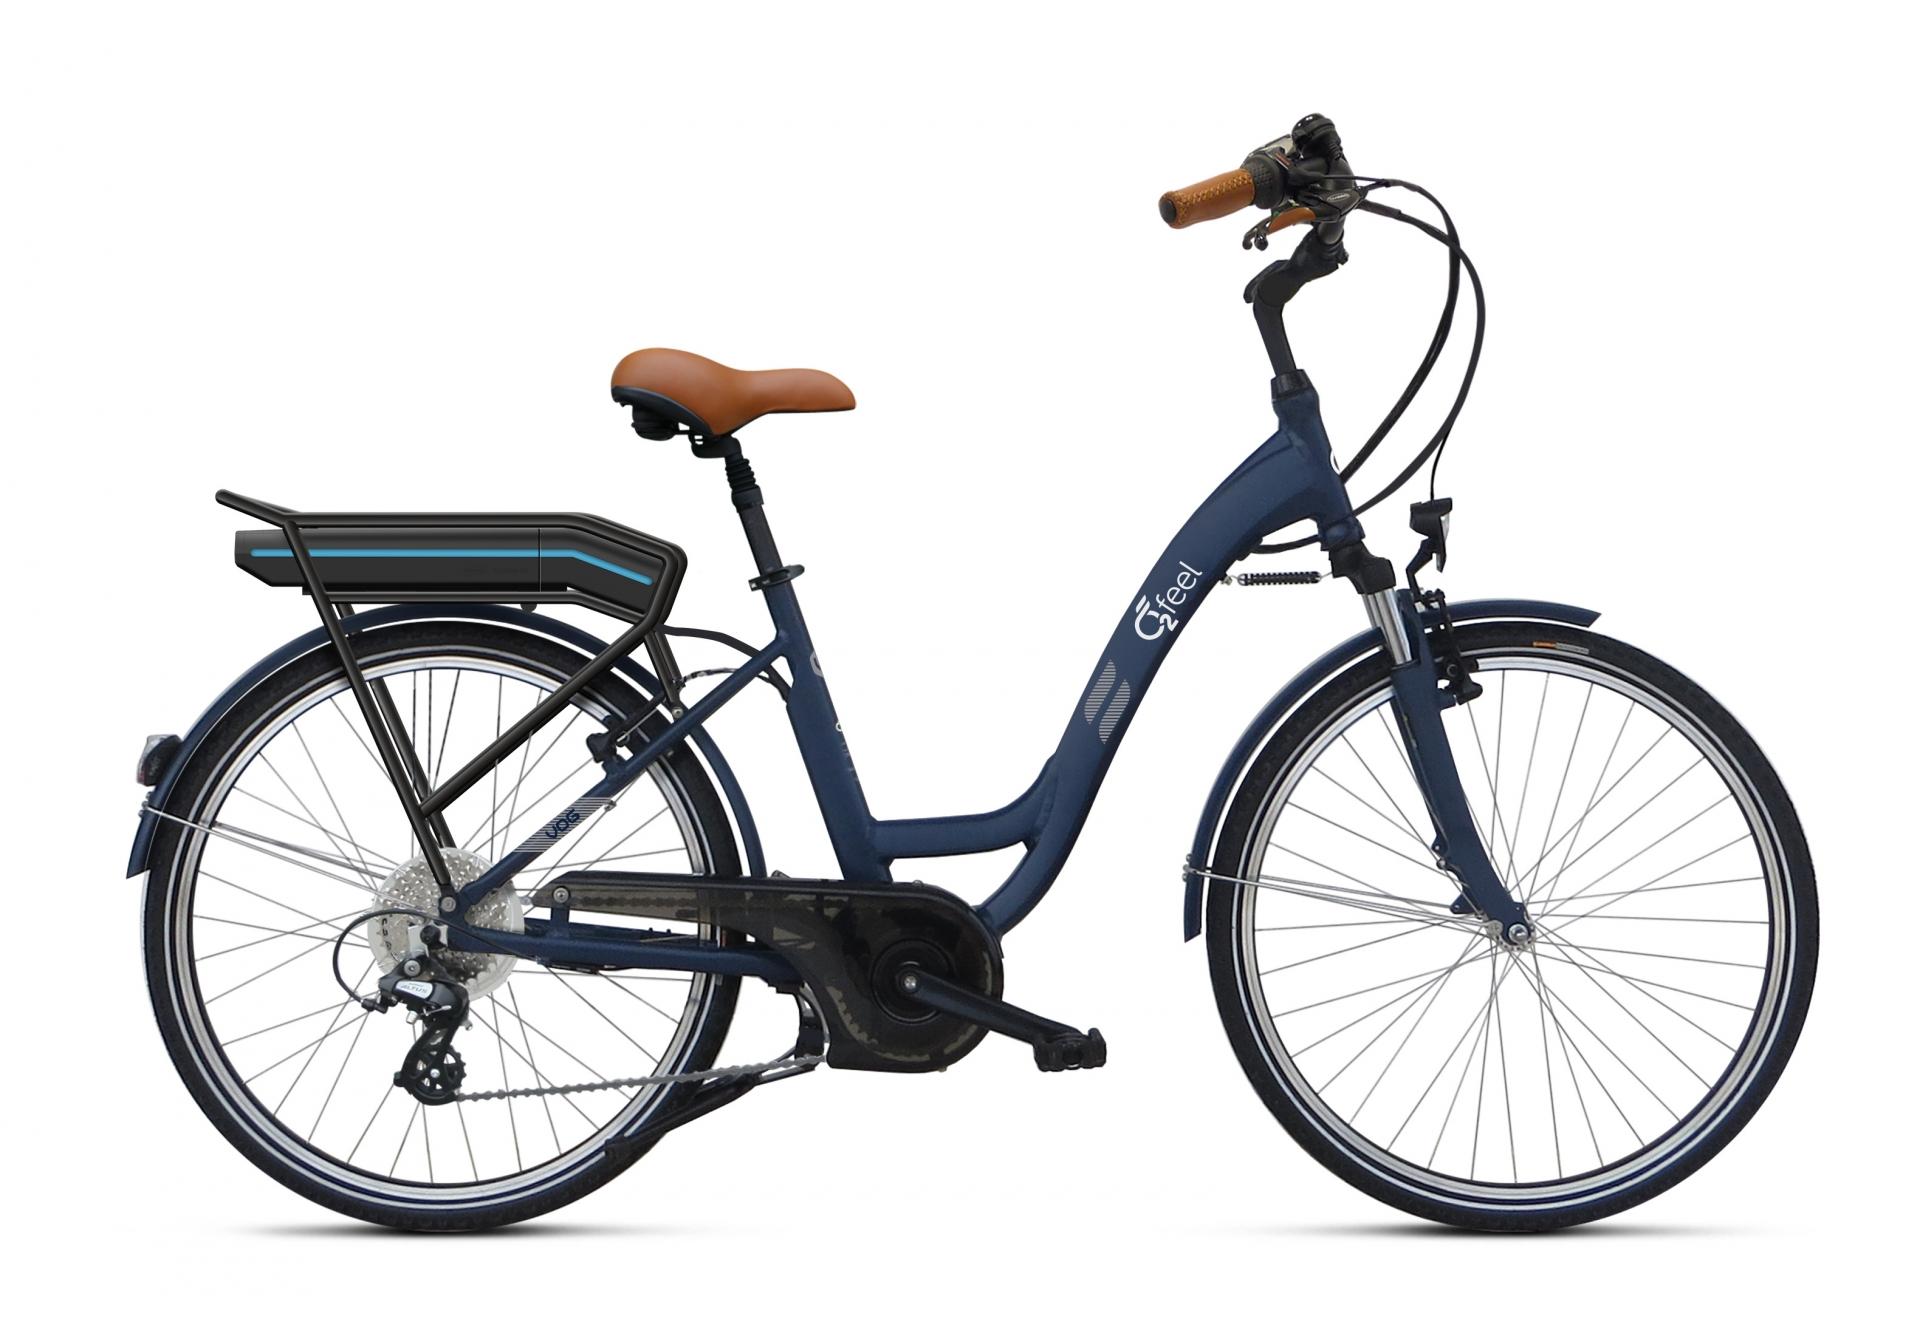 Vélo électrique O2Feel Vog D8C 26 374 Wh Bleu